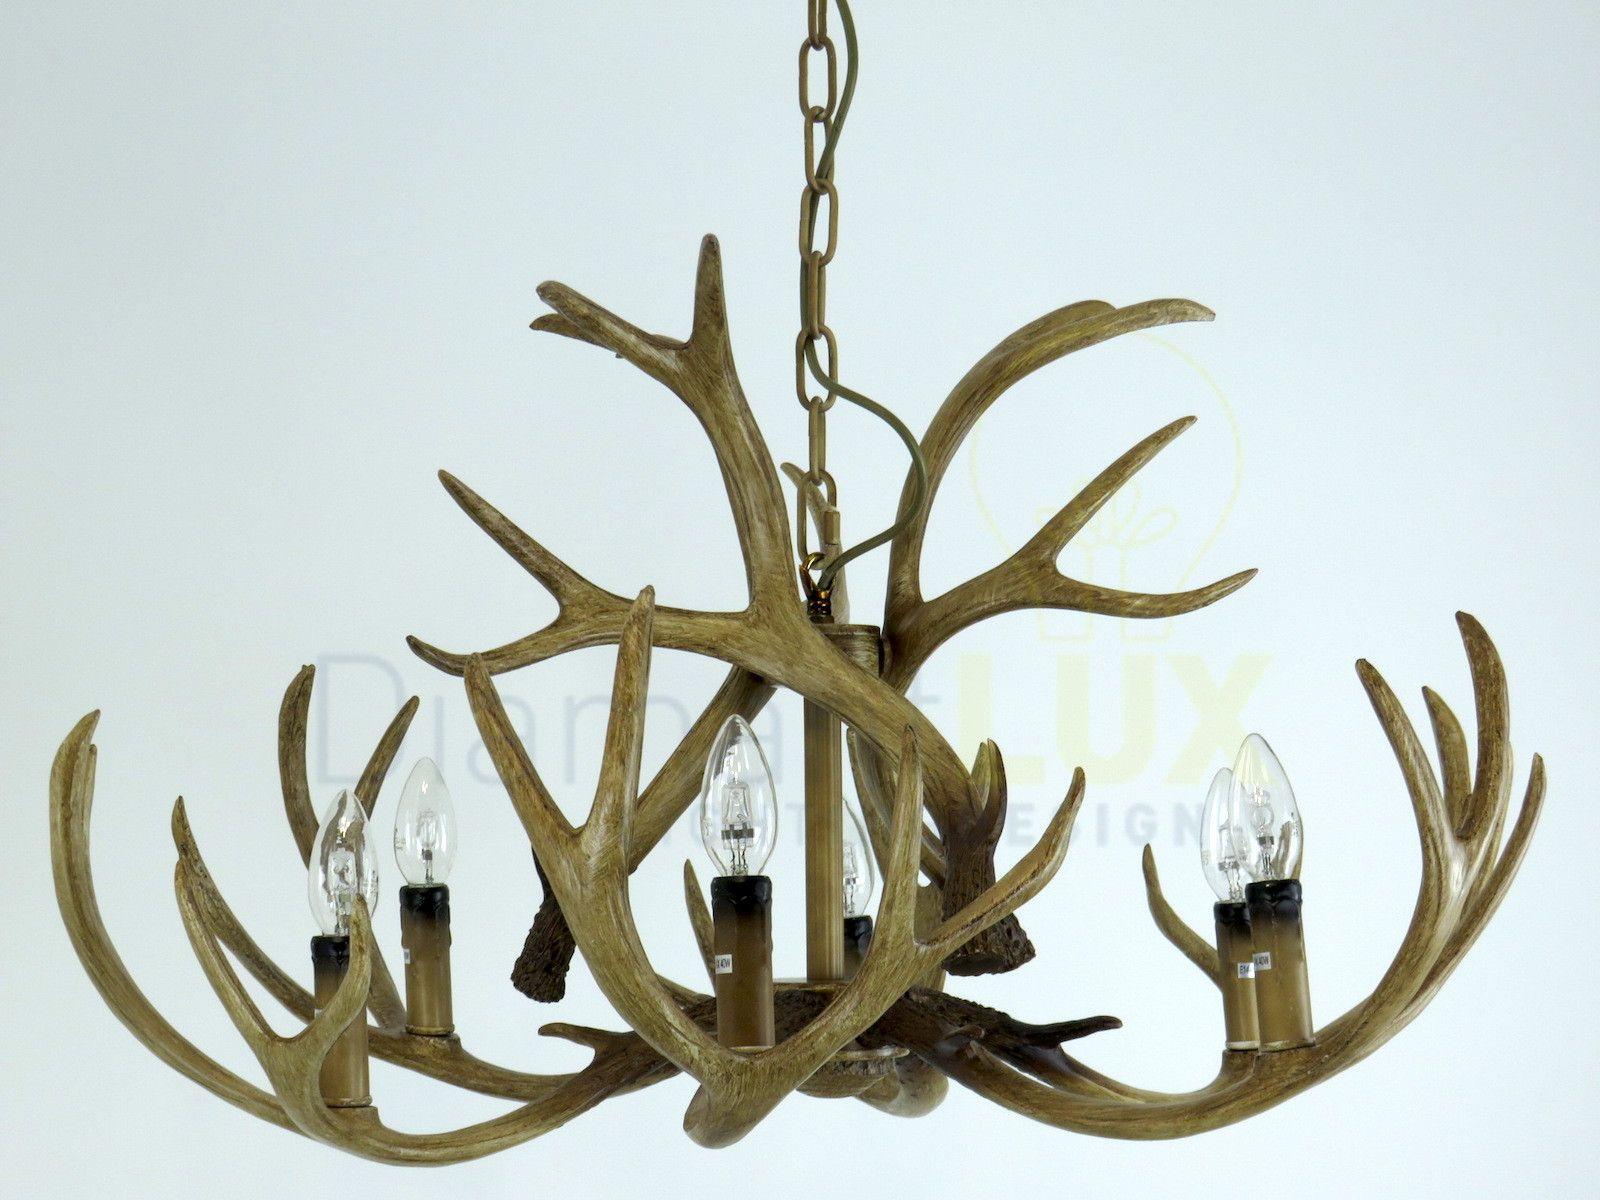 Lampadario Rustico Ceramica : Taiga s diamantlux lampadario rustico con corna di cervo corna